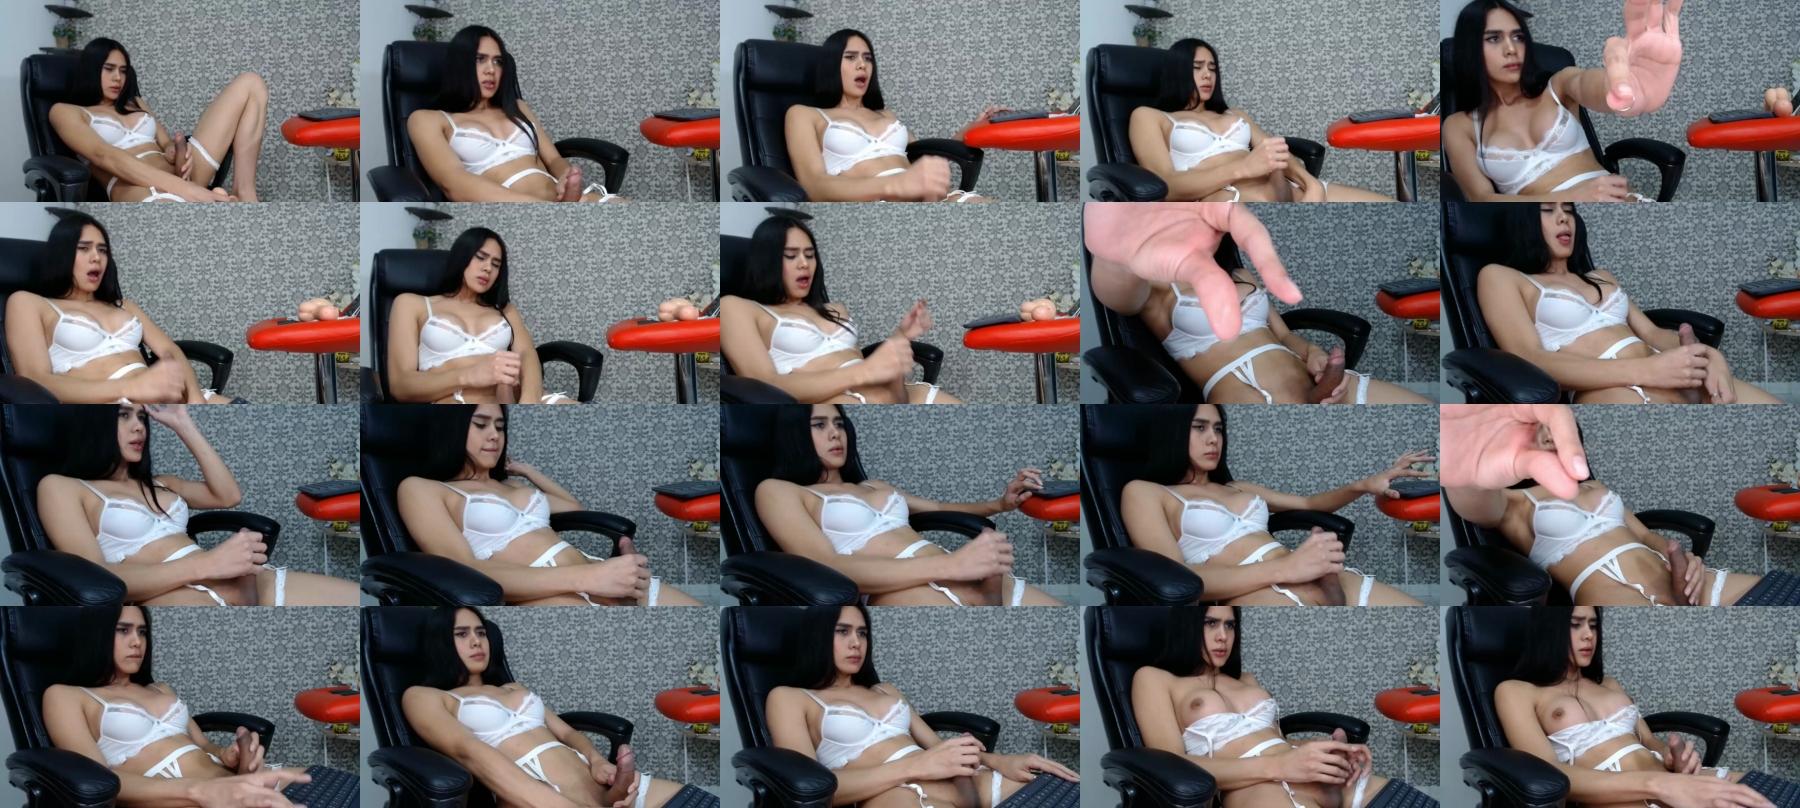 Marihana_One1 ts 14-09-2021 Chaturbate trans Nude